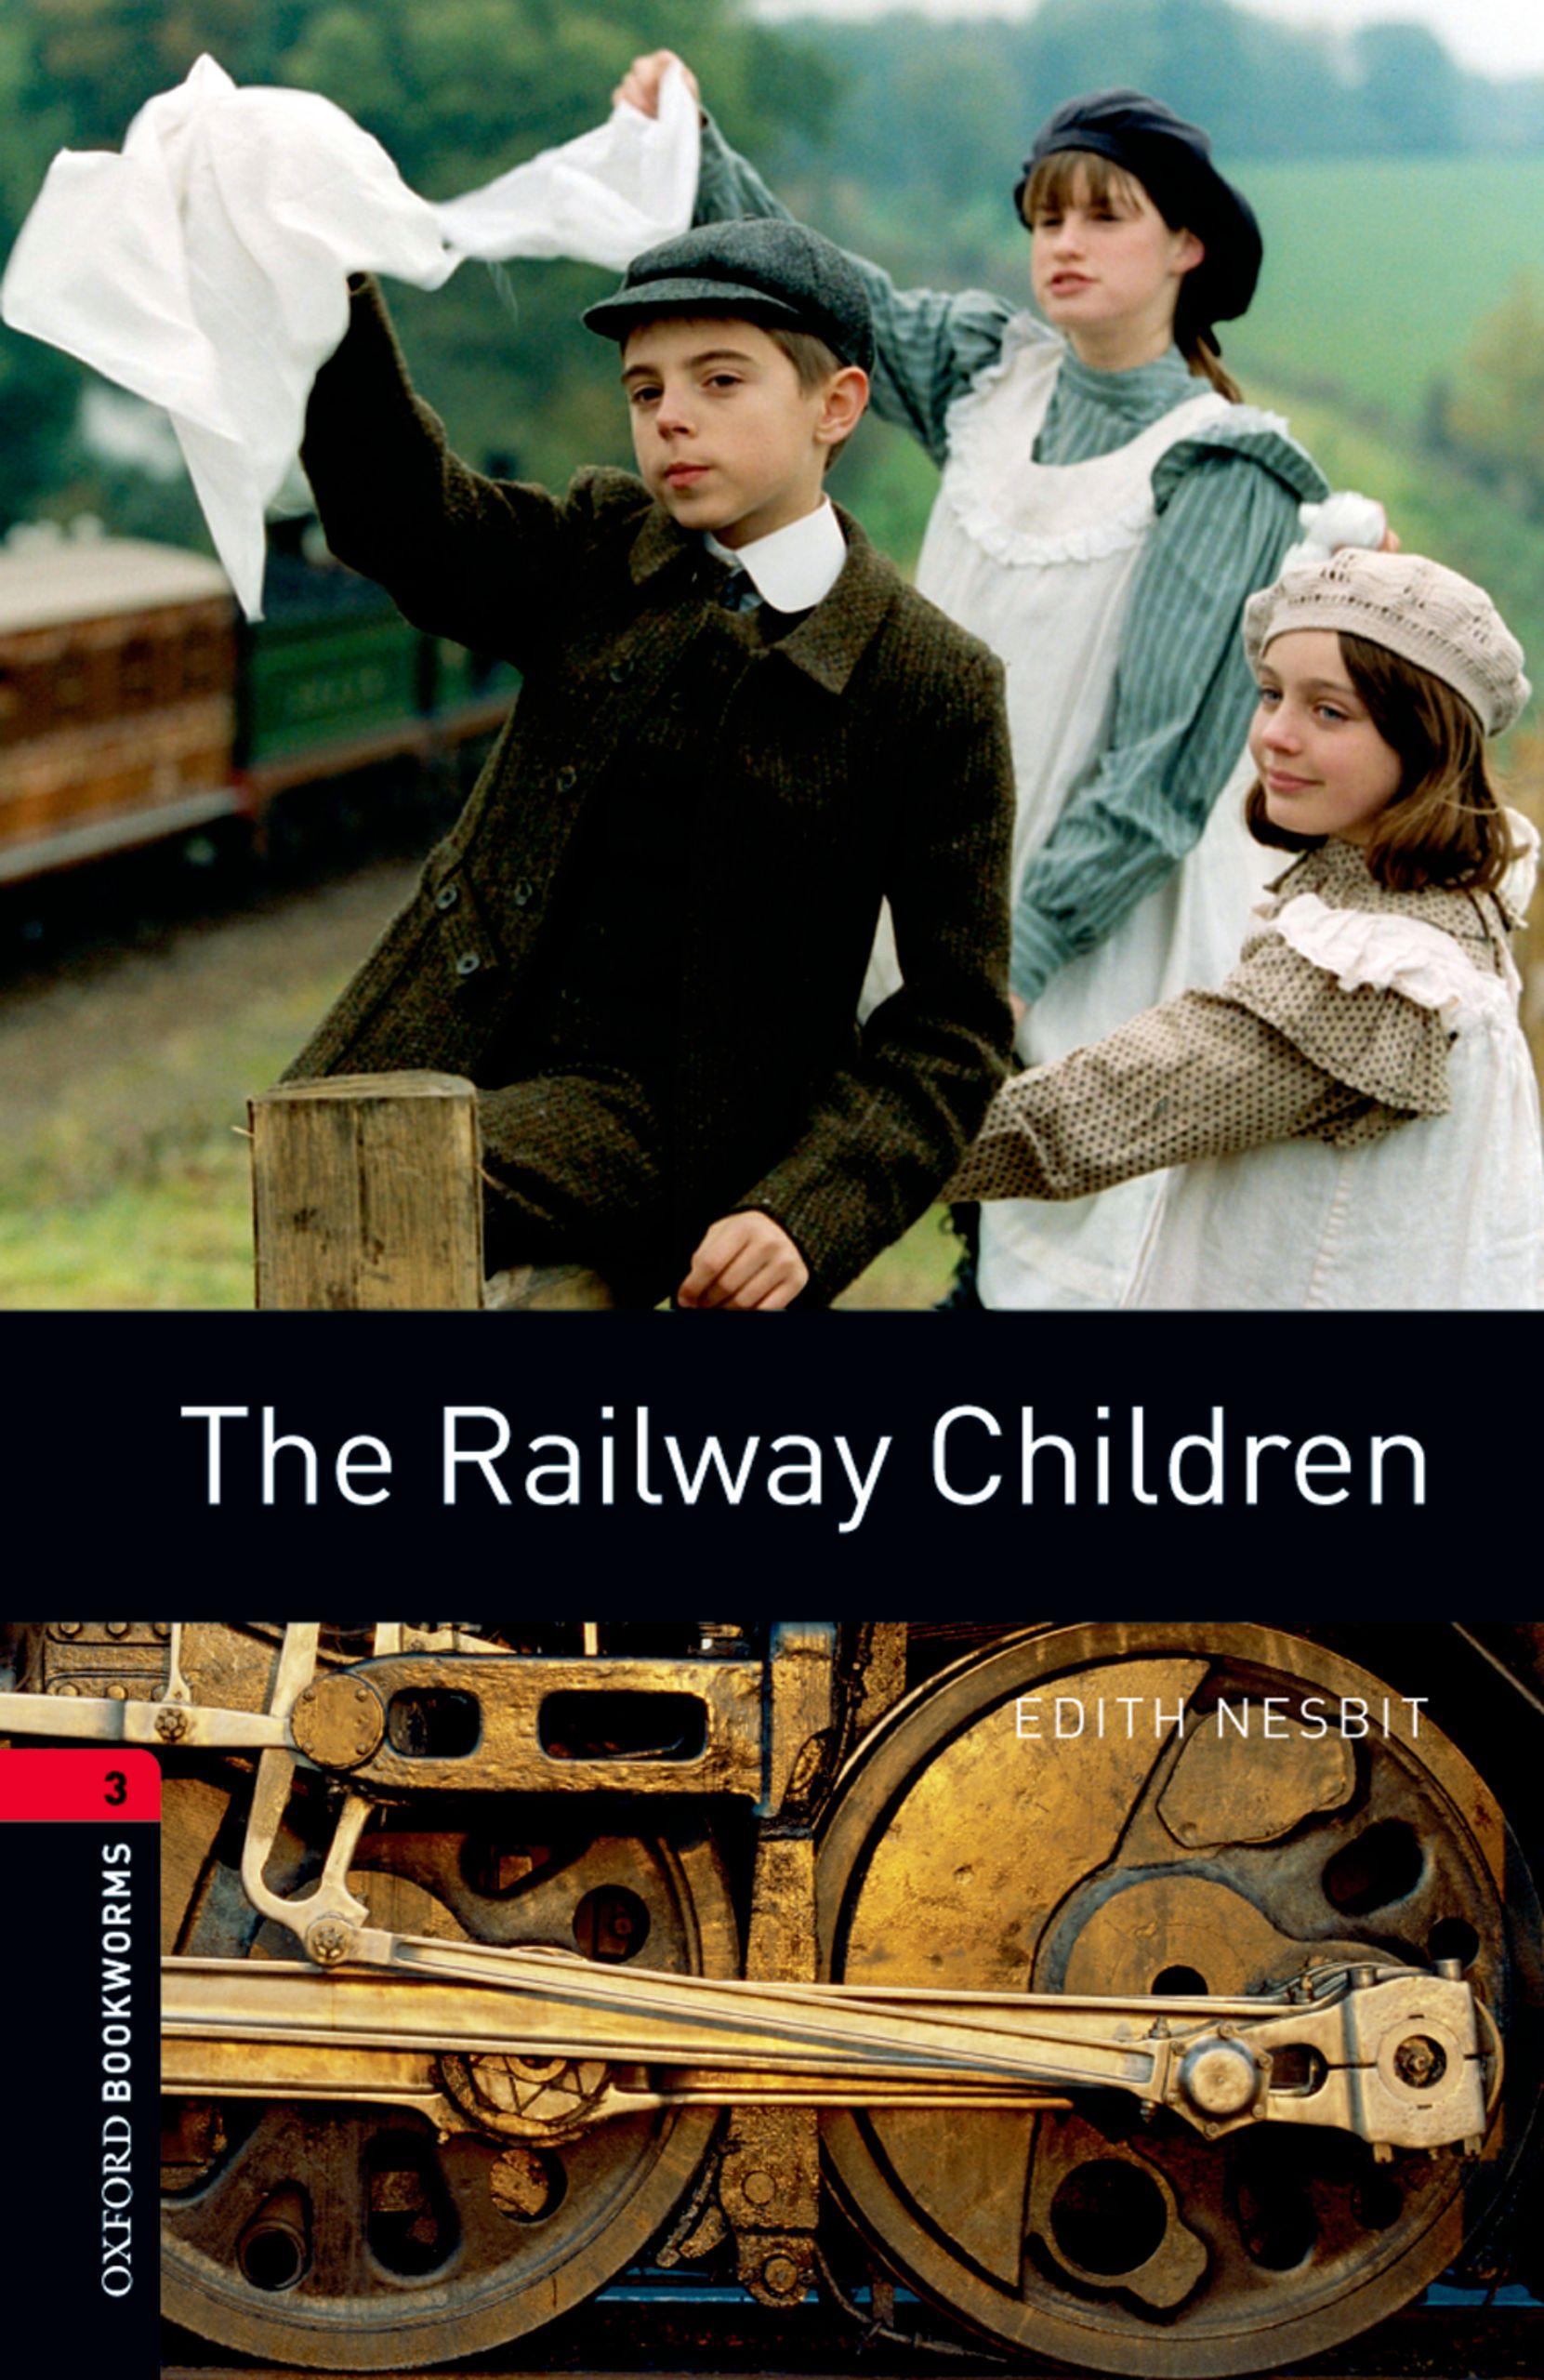 Эдит Несбит The Railway Children эдит несбит the railway children